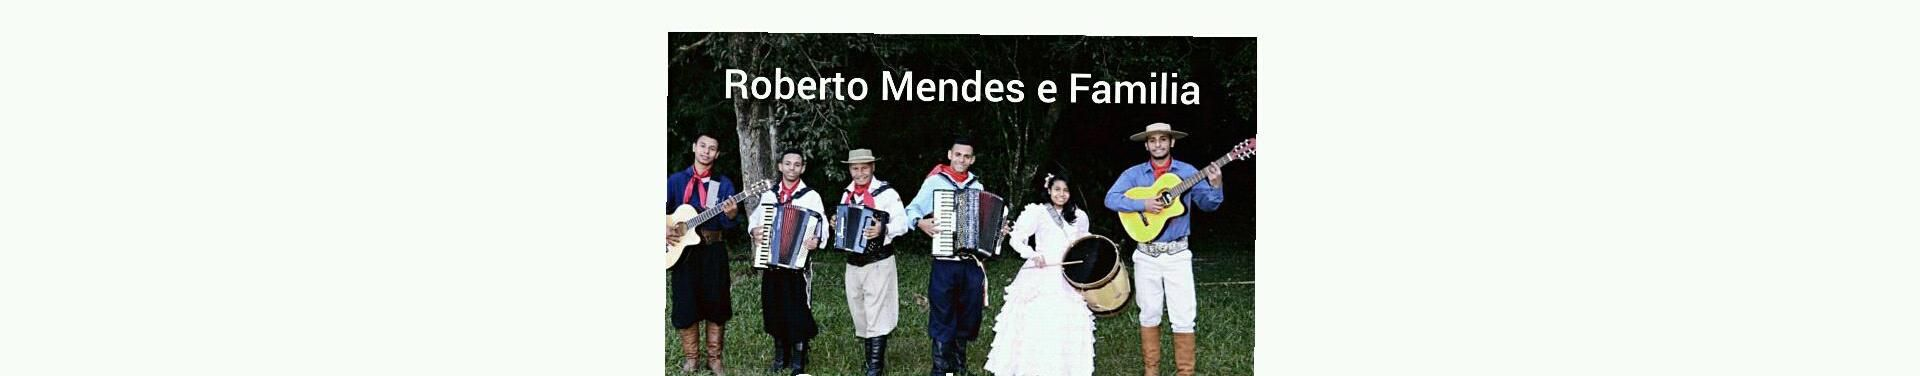 Imagem de capa de Roberto Mendes e Família